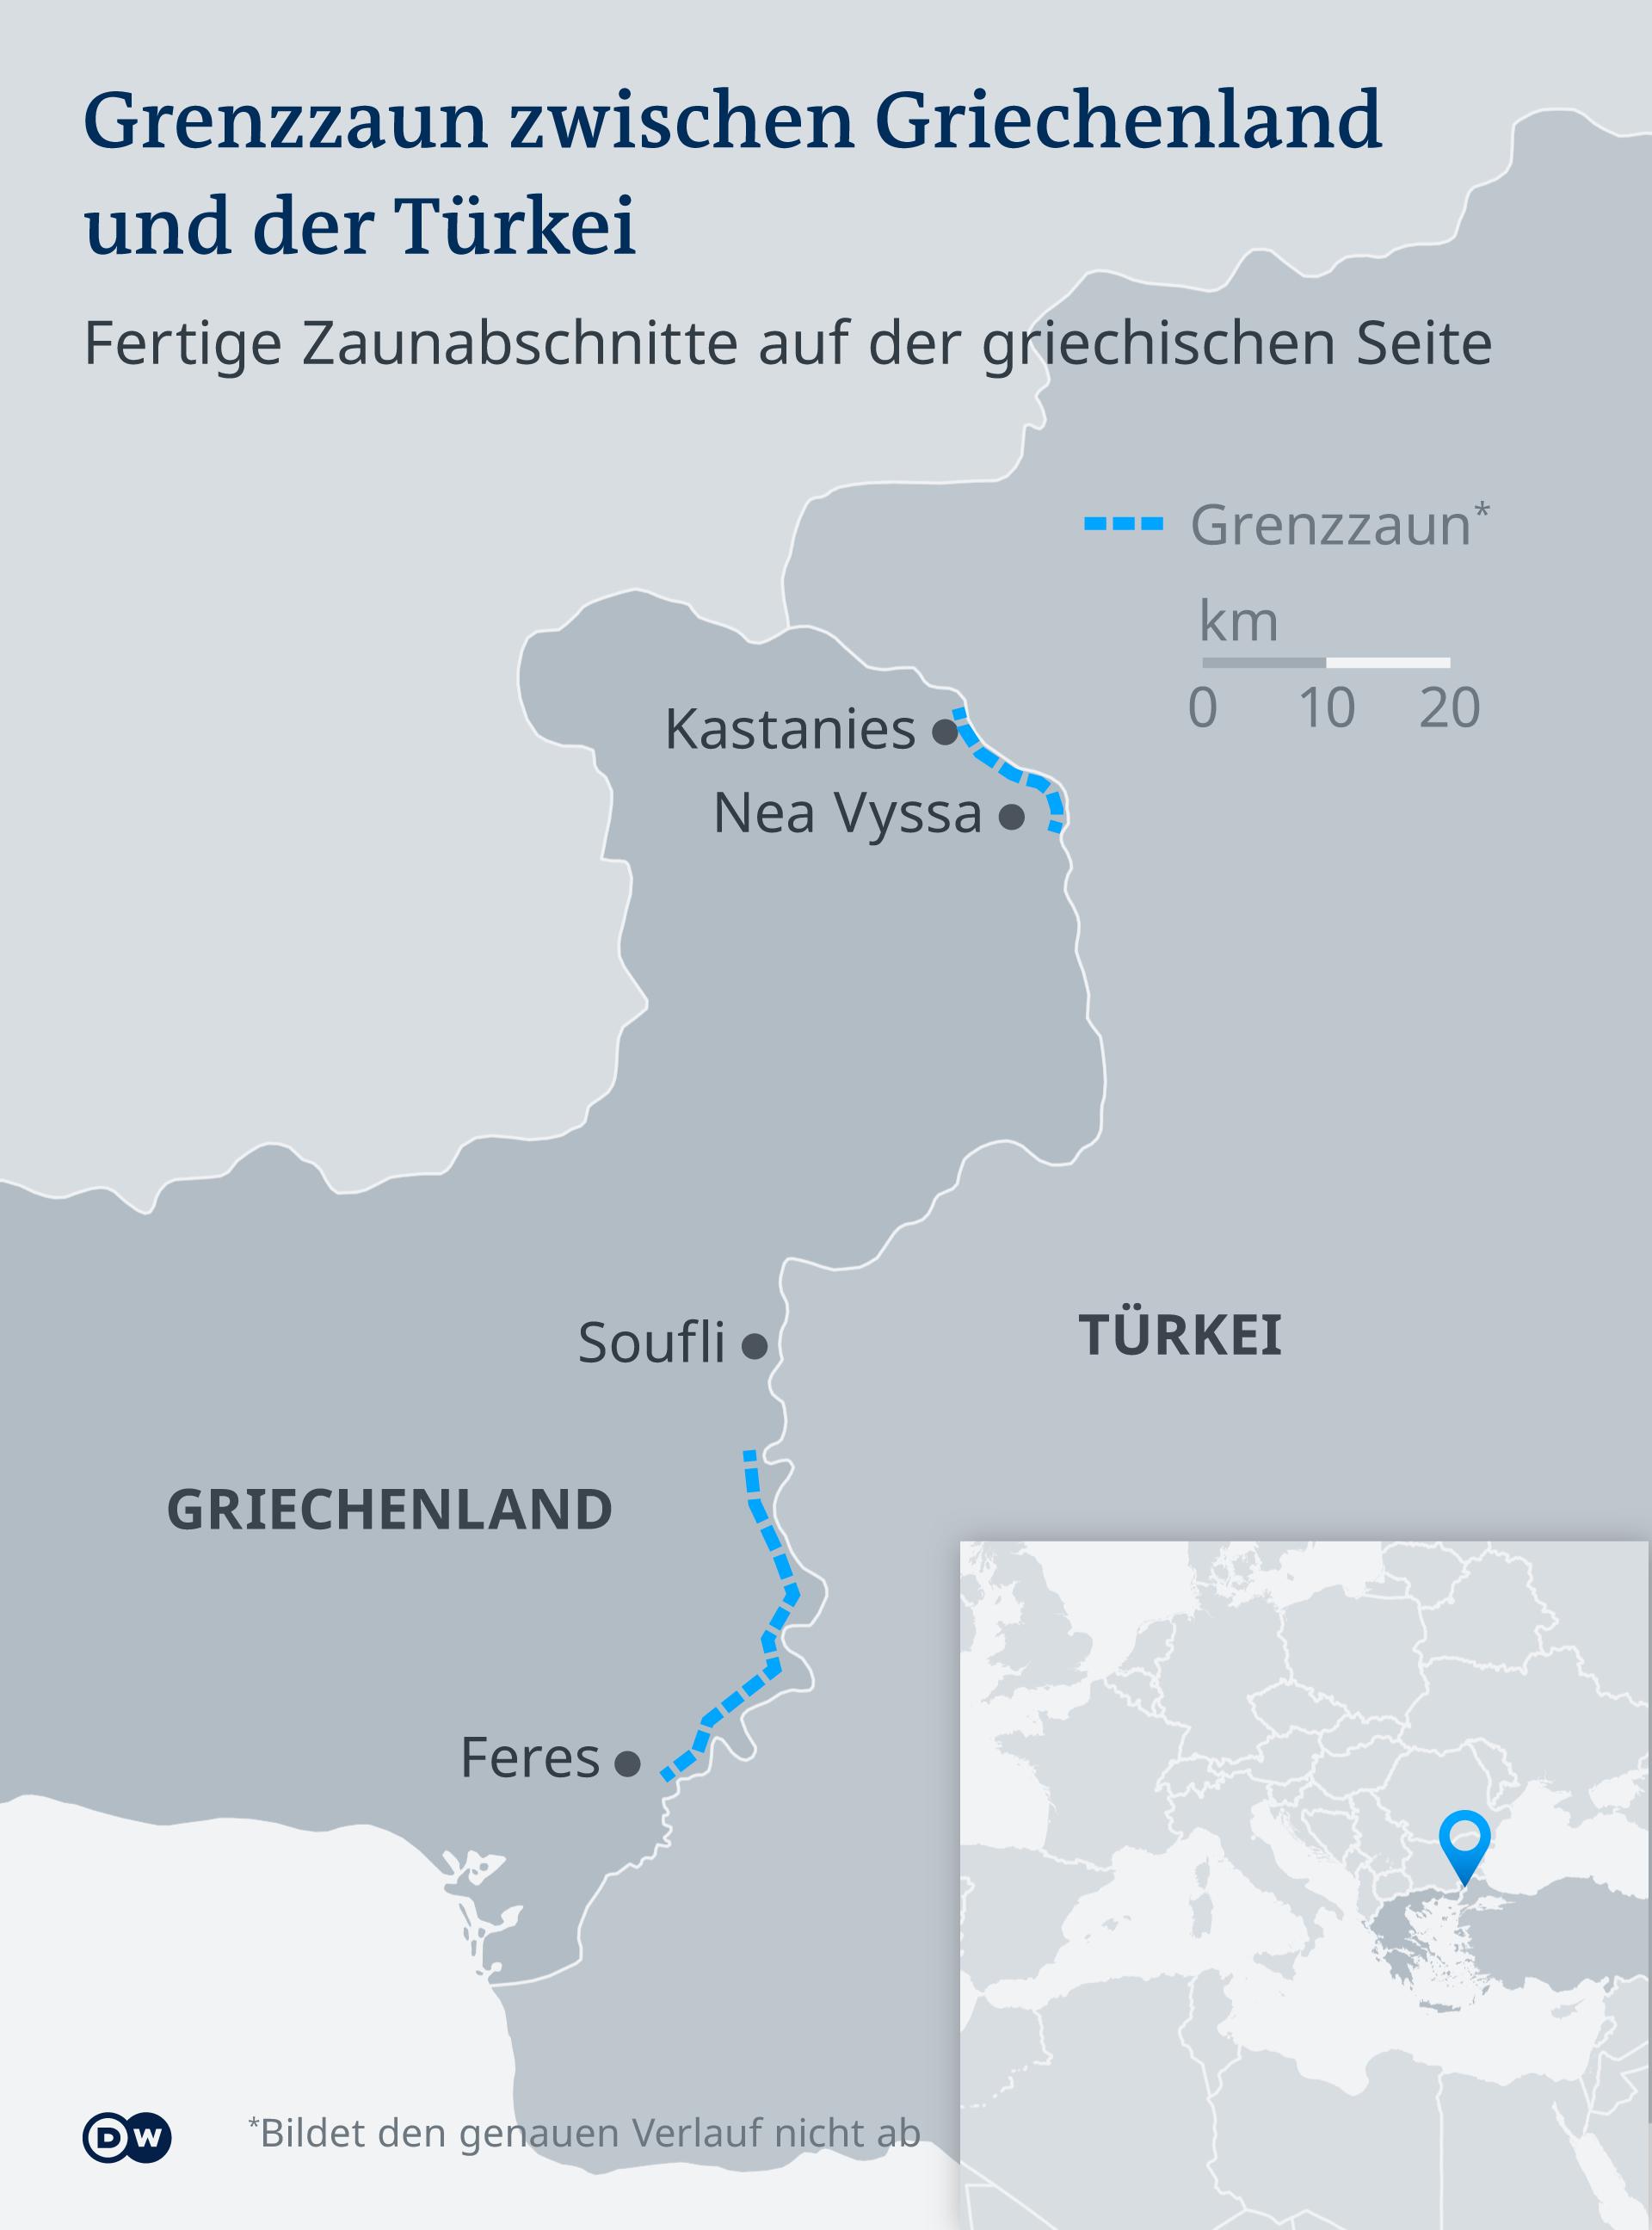 Dijelovi grčko-turske granice na kojima je izgrađena ograda